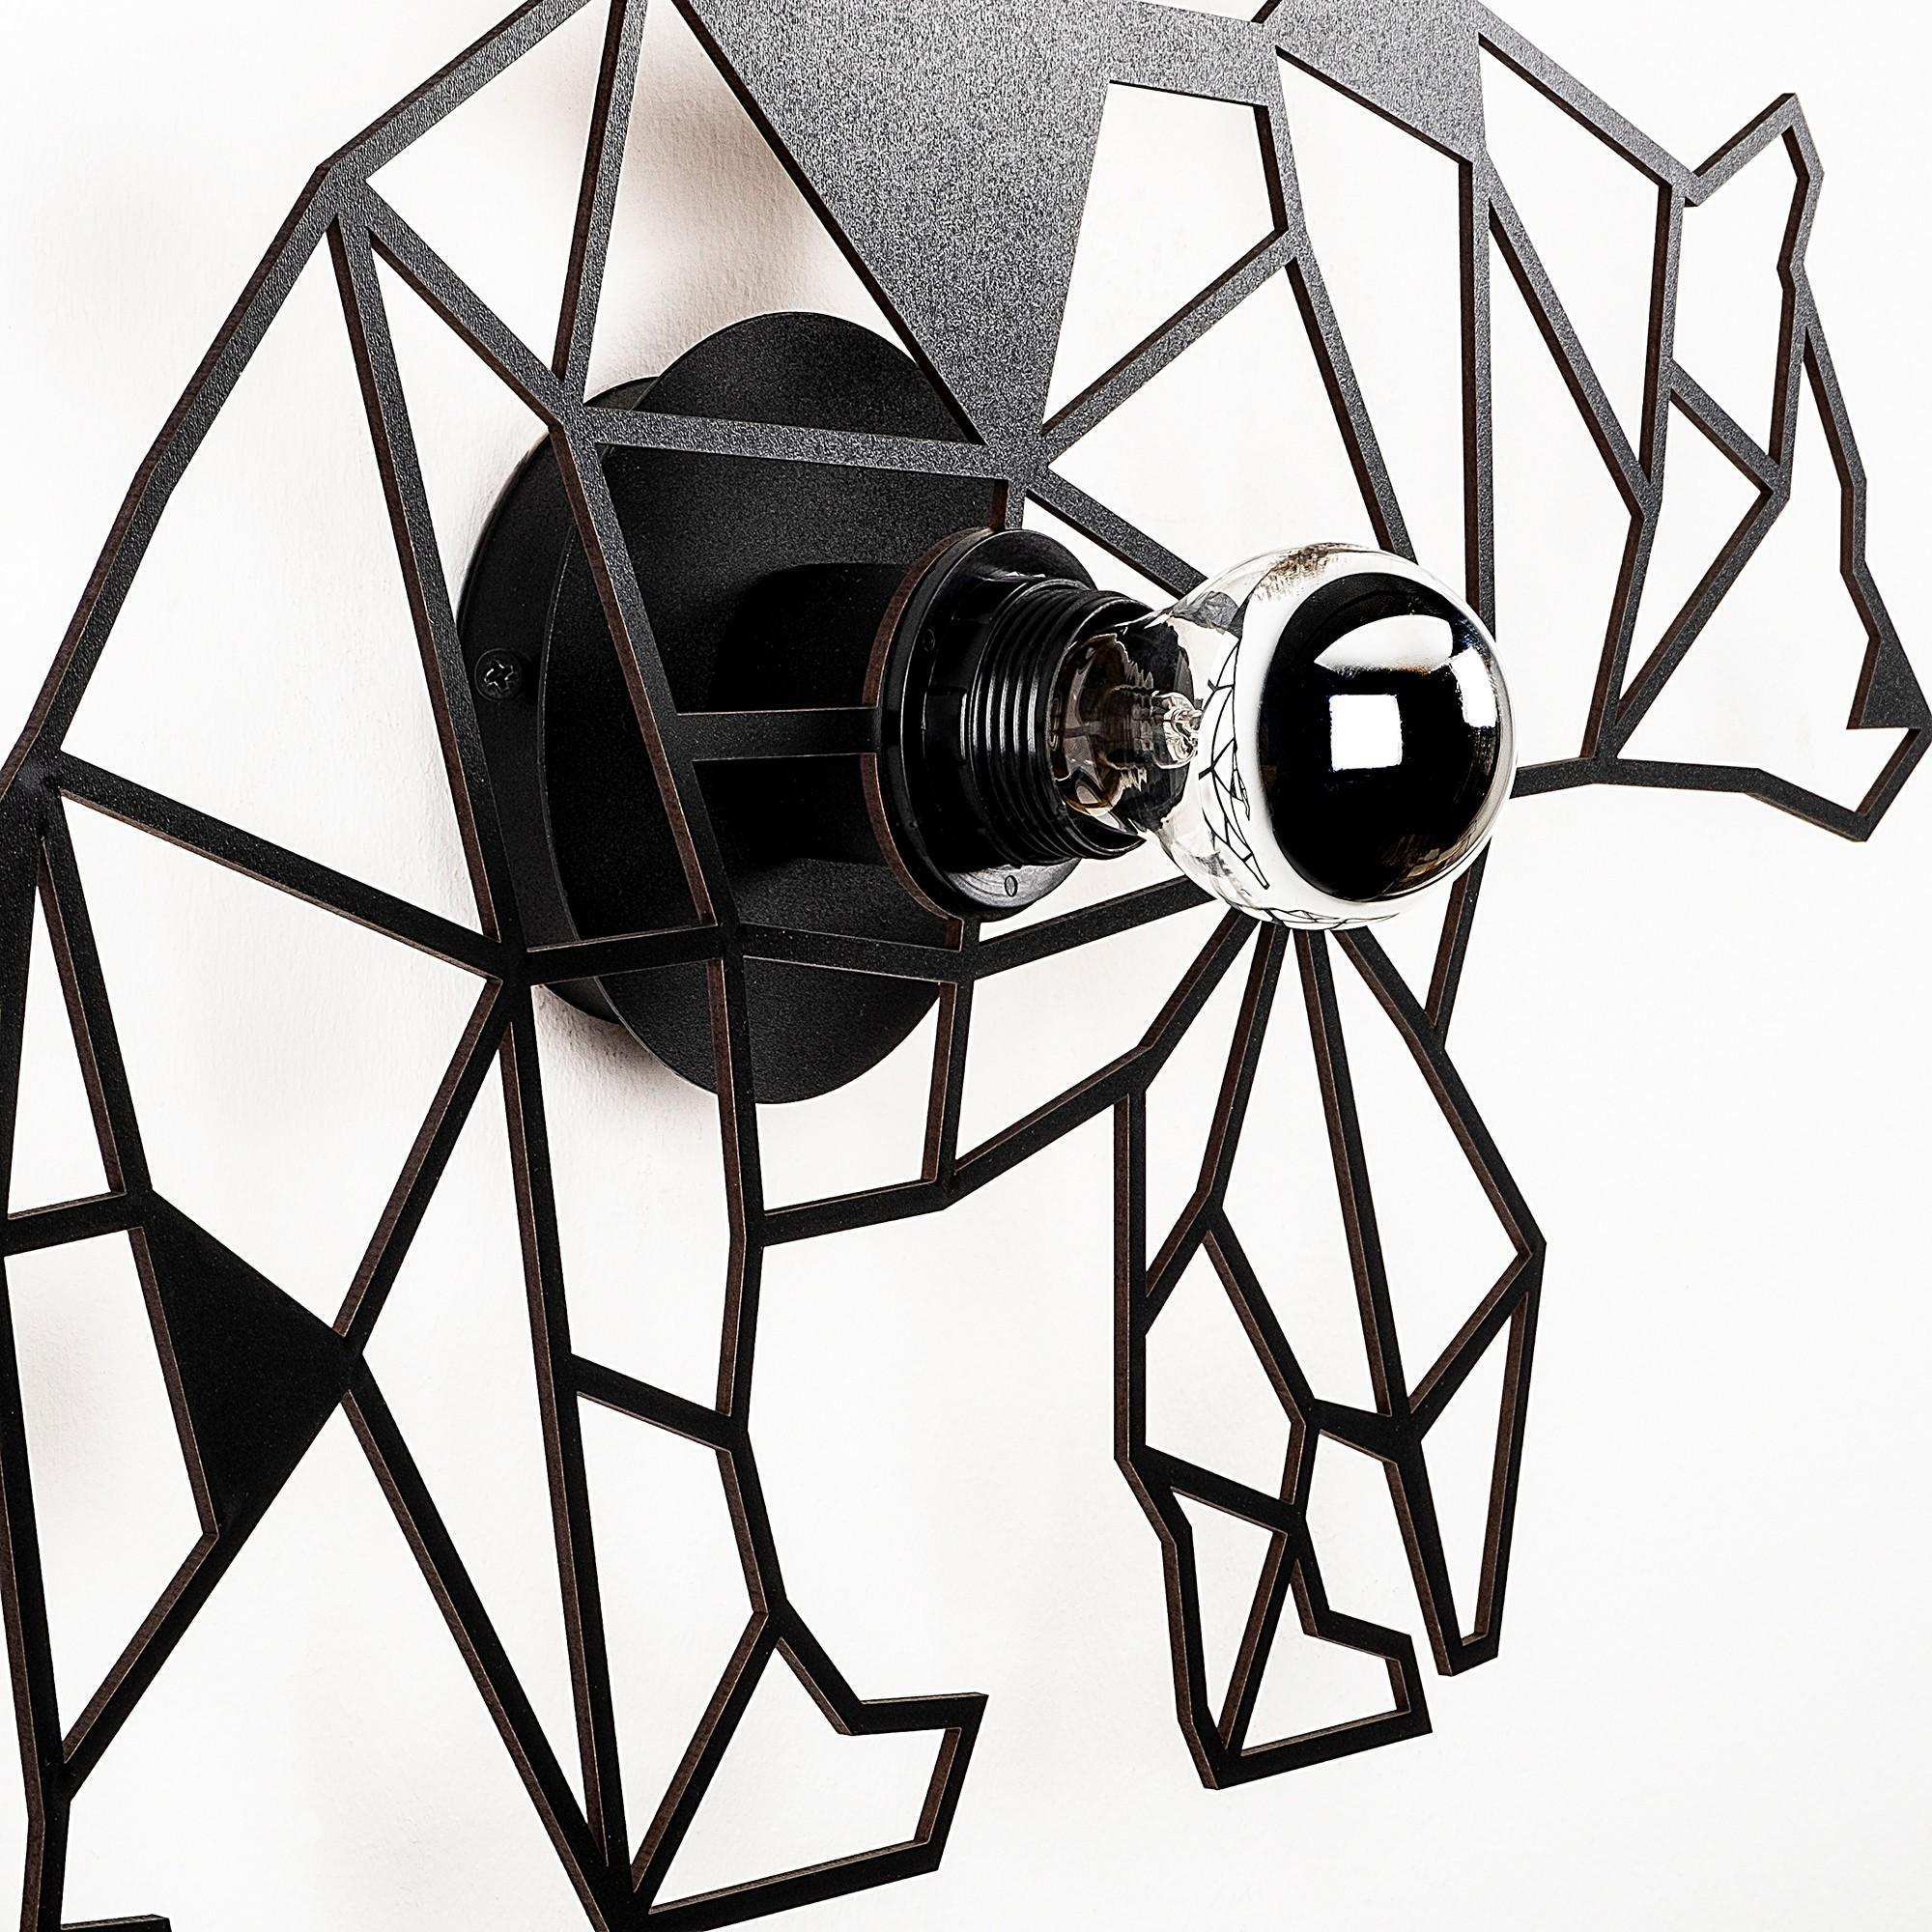 LED industriële wanddeco lamp dieren - bear - dimbaar - E27 fitting - zijaanzicht